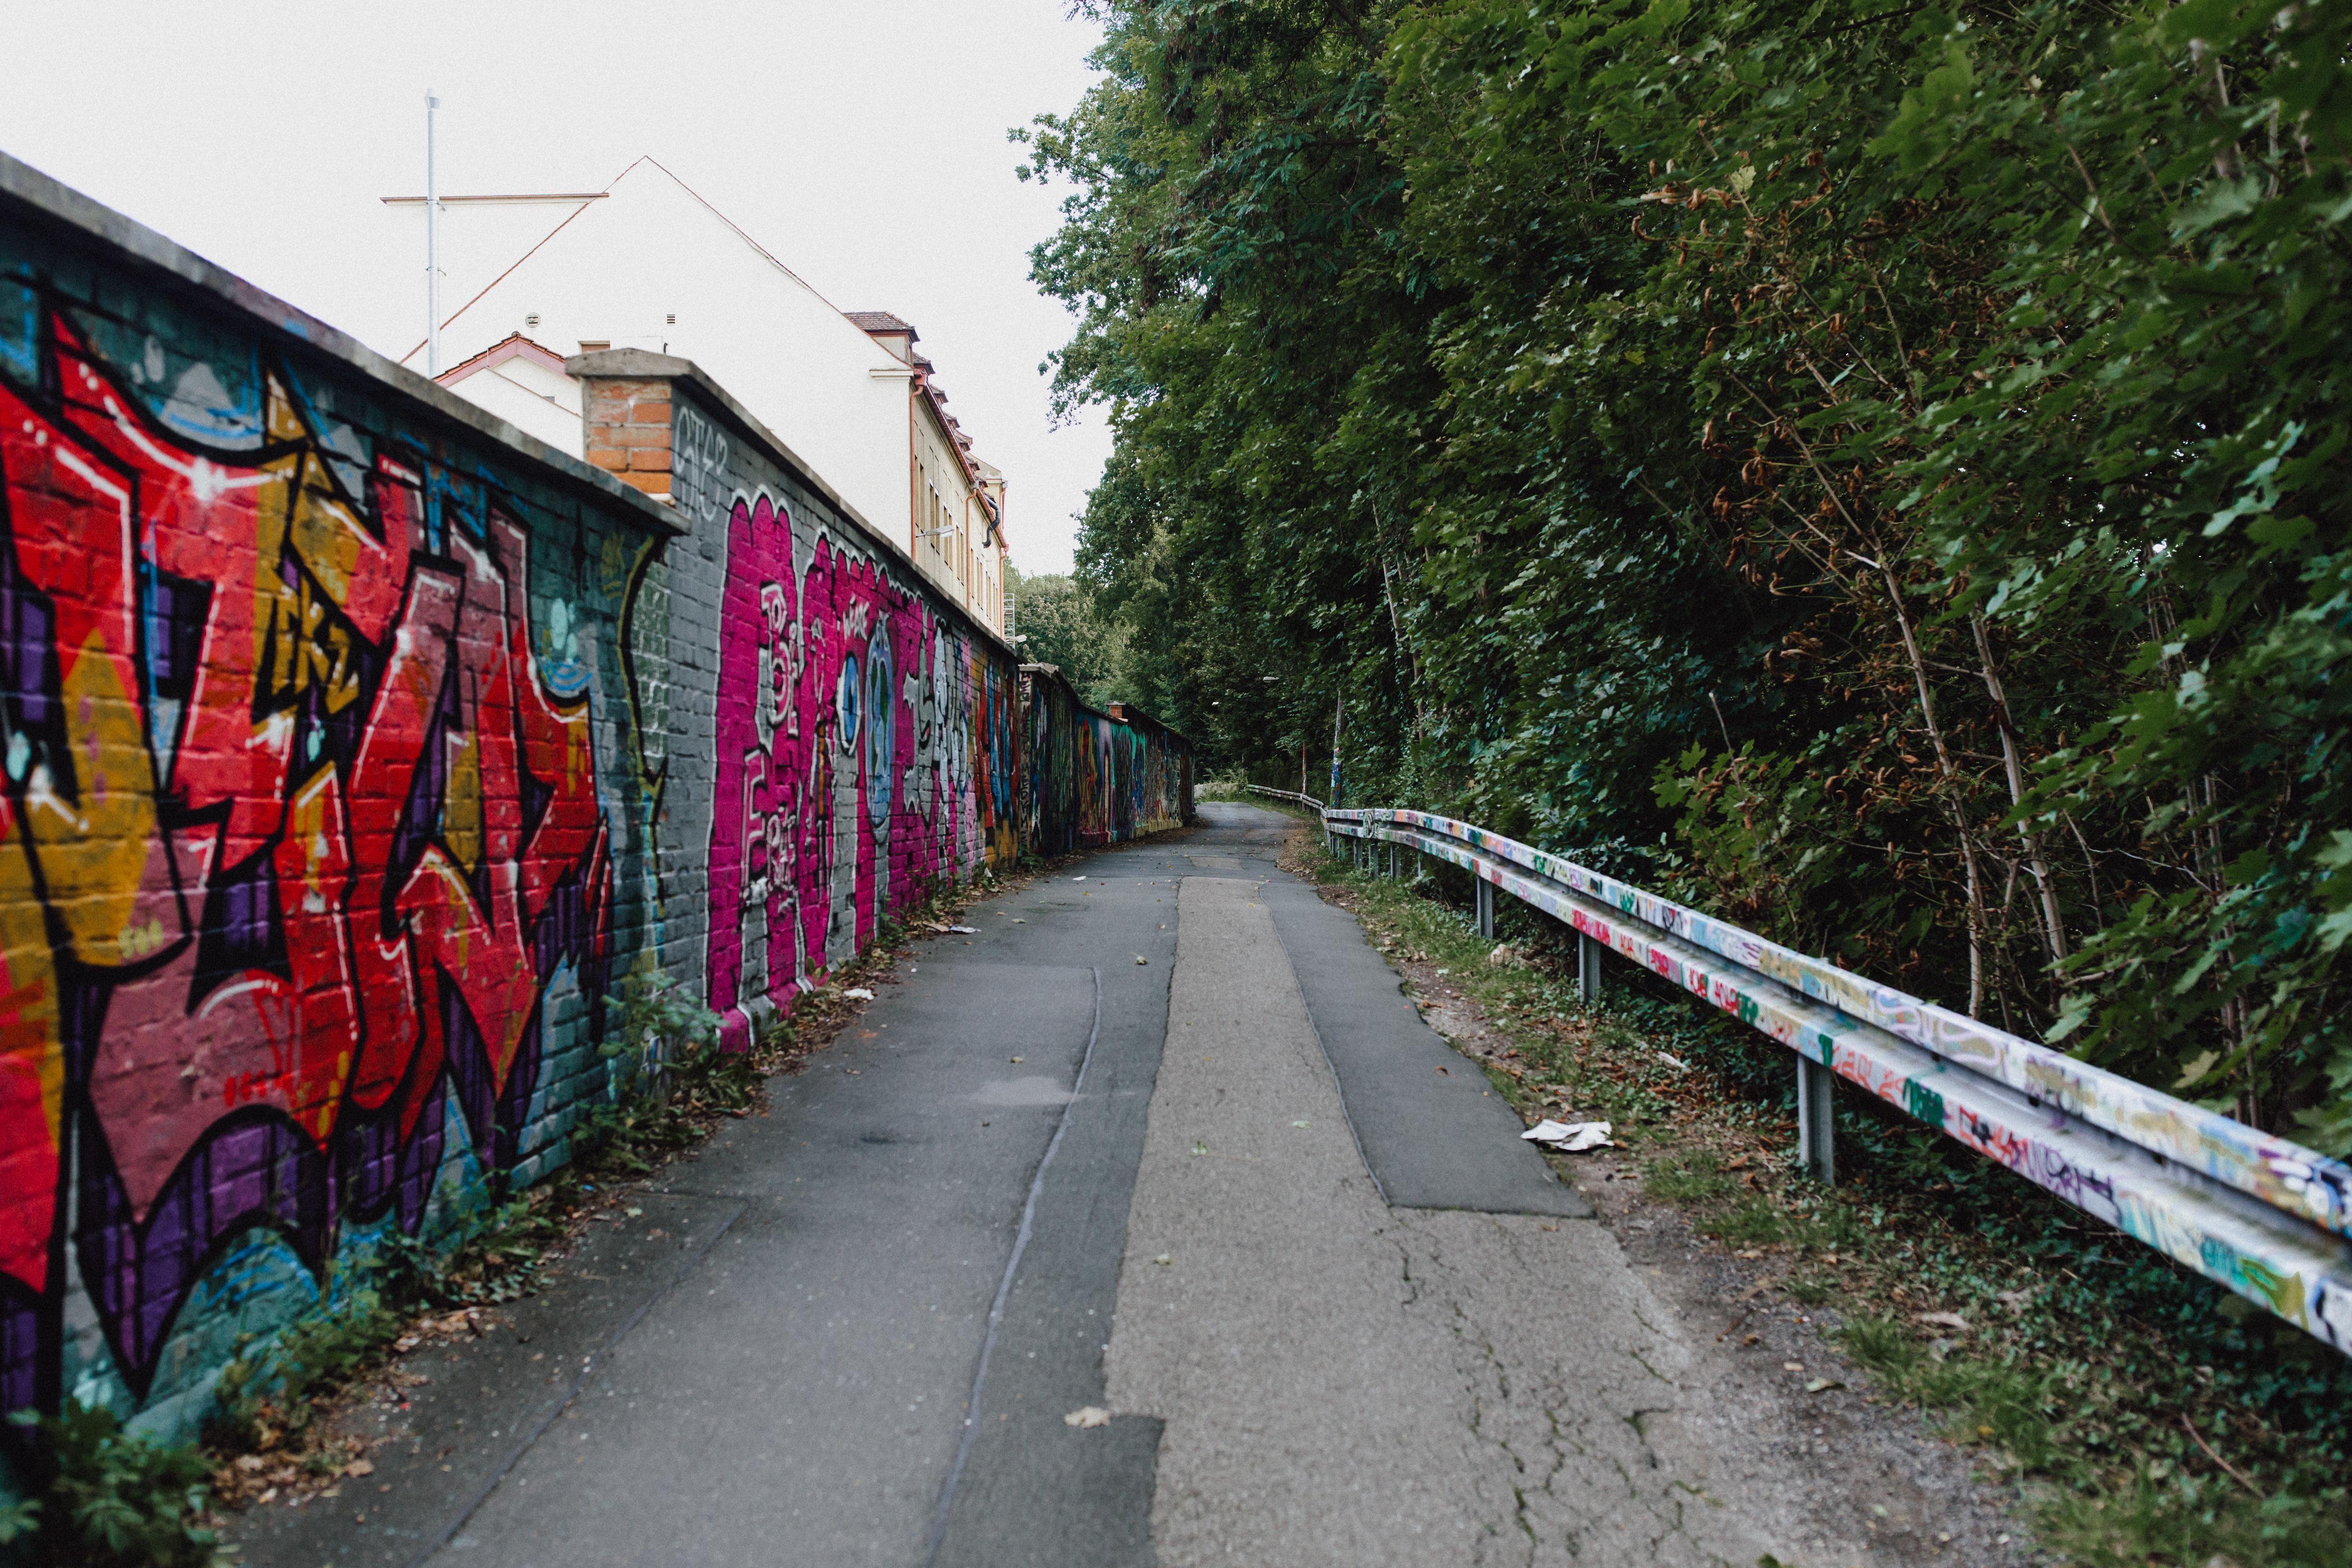 URBANERIE_Daniela_Goth_Fotografin_Nürnberg_Fürth_Erlangen_Schwabach_170906_001_0003